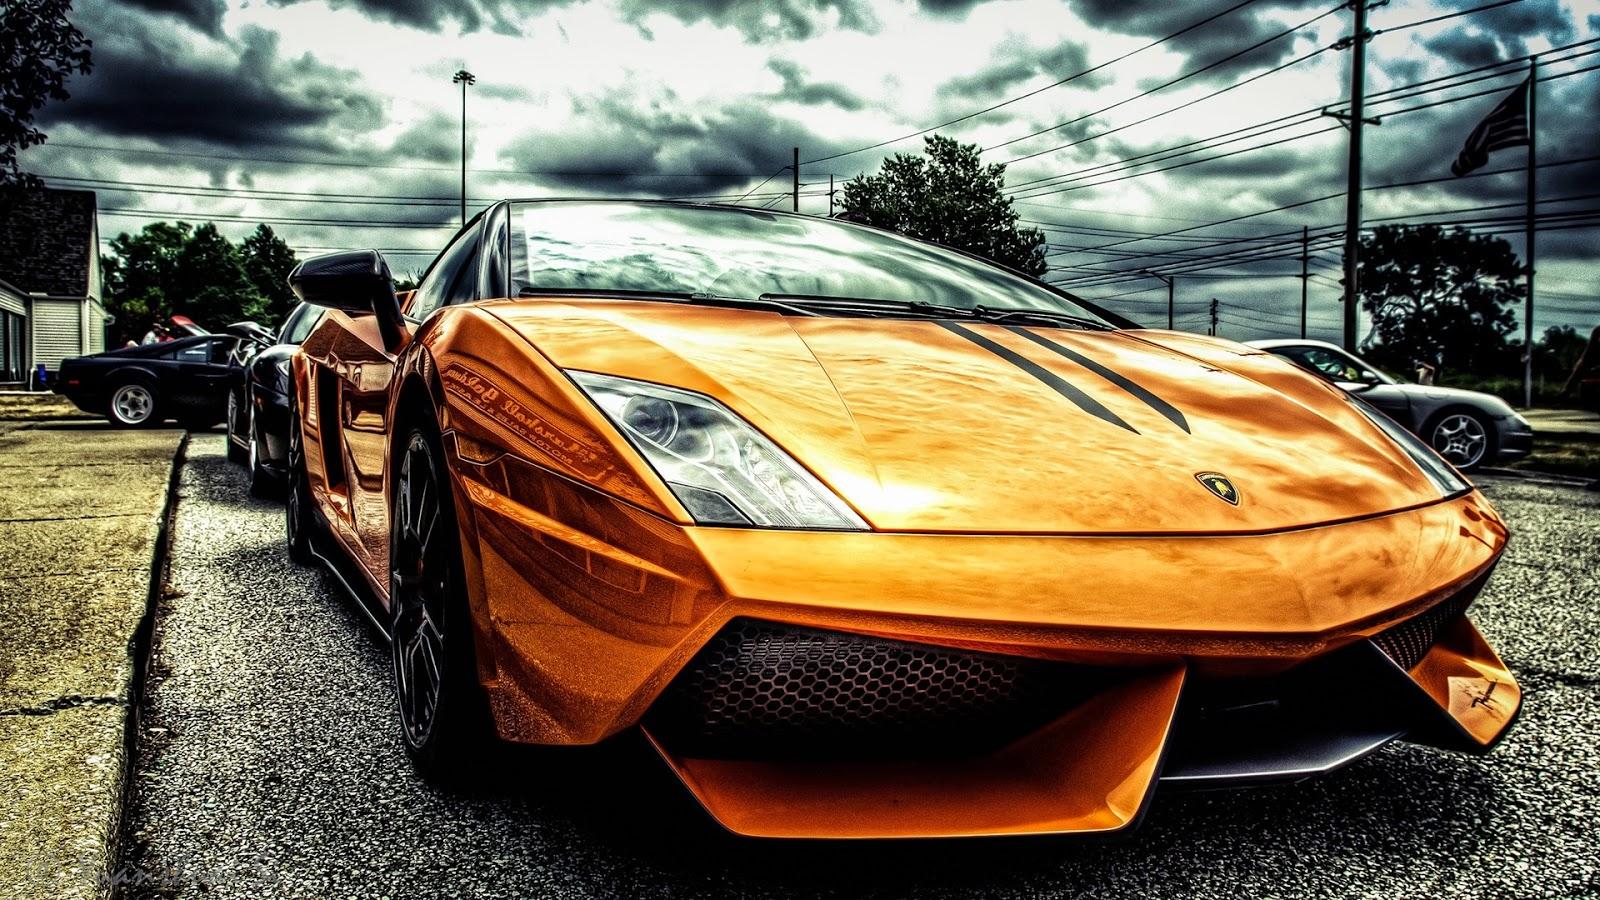 Free Download Cool Lamborghini Wallpaper Hd Wallpapers